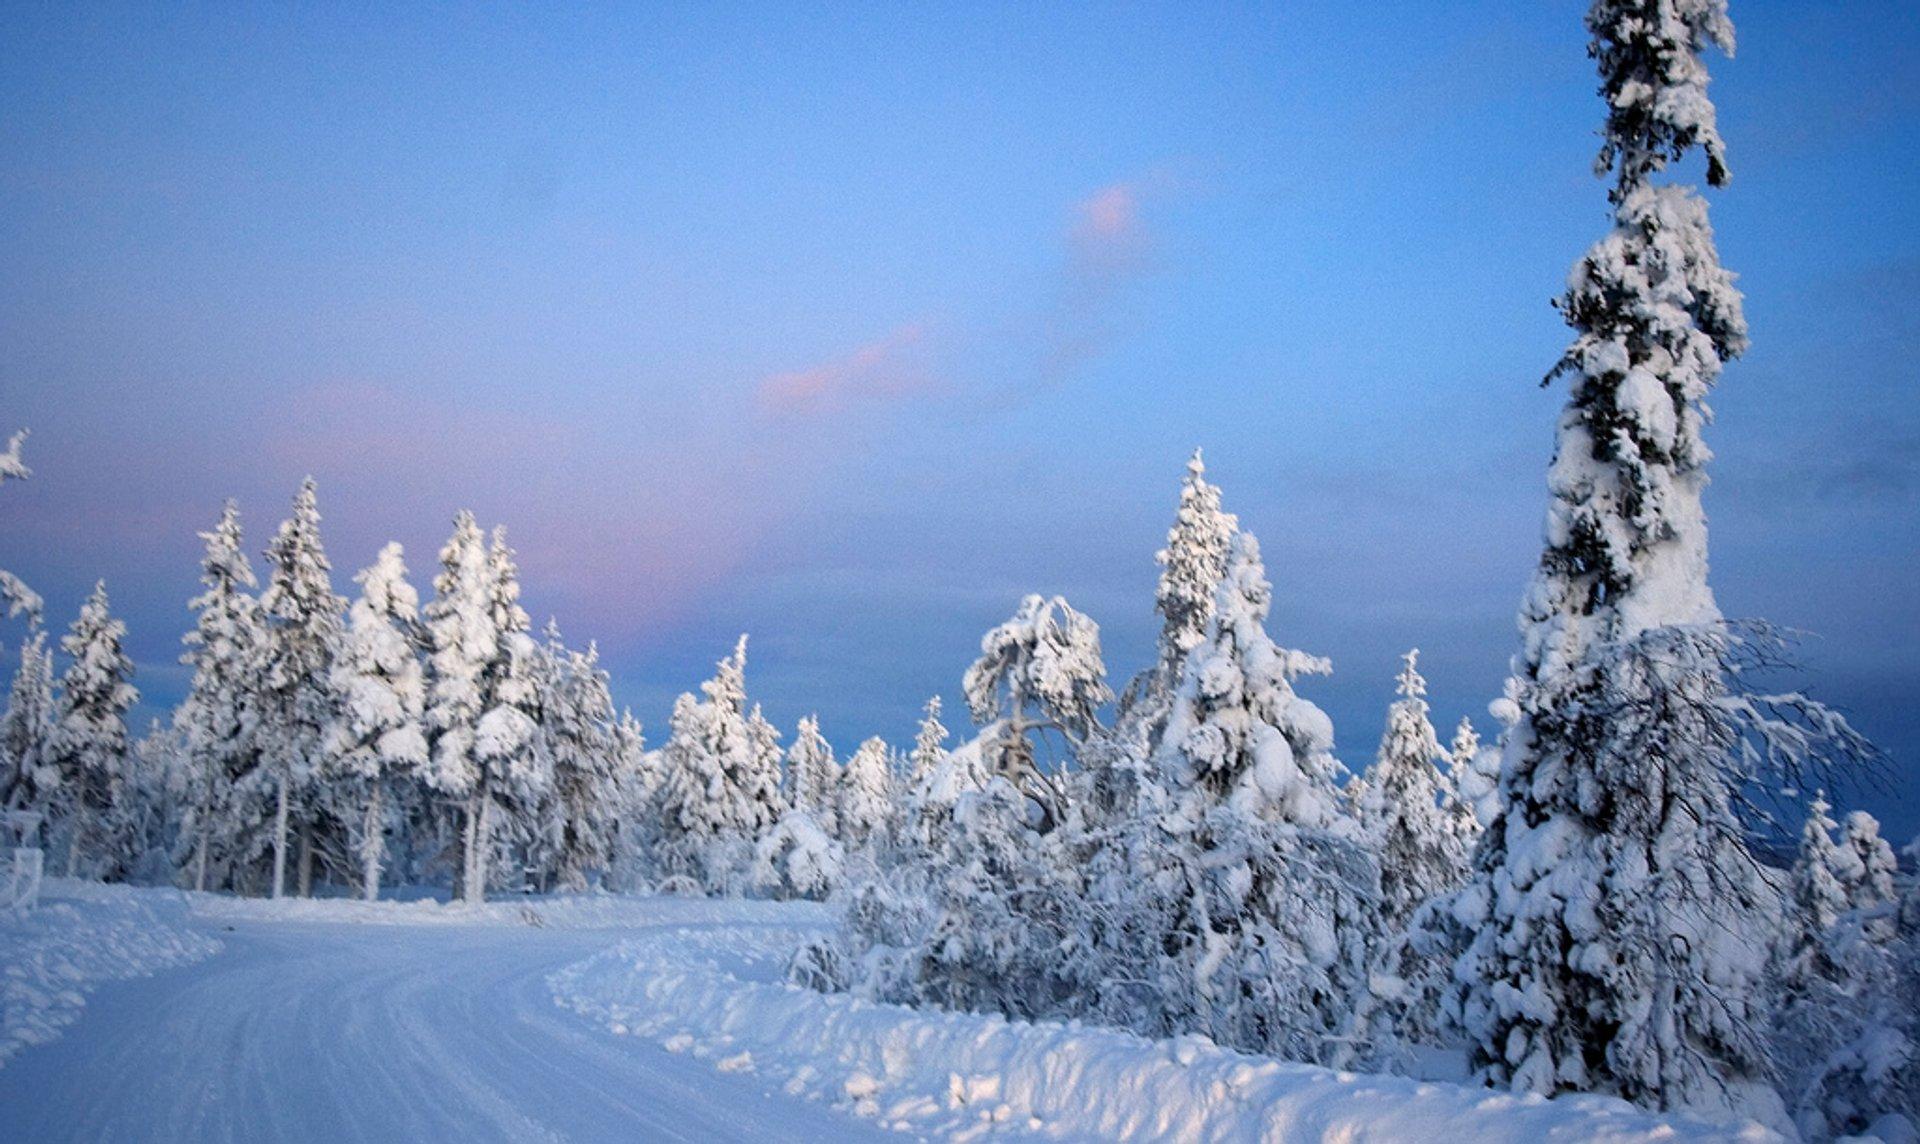 Kaamos, Levi, Kittilä, Finnish Lapland 2020